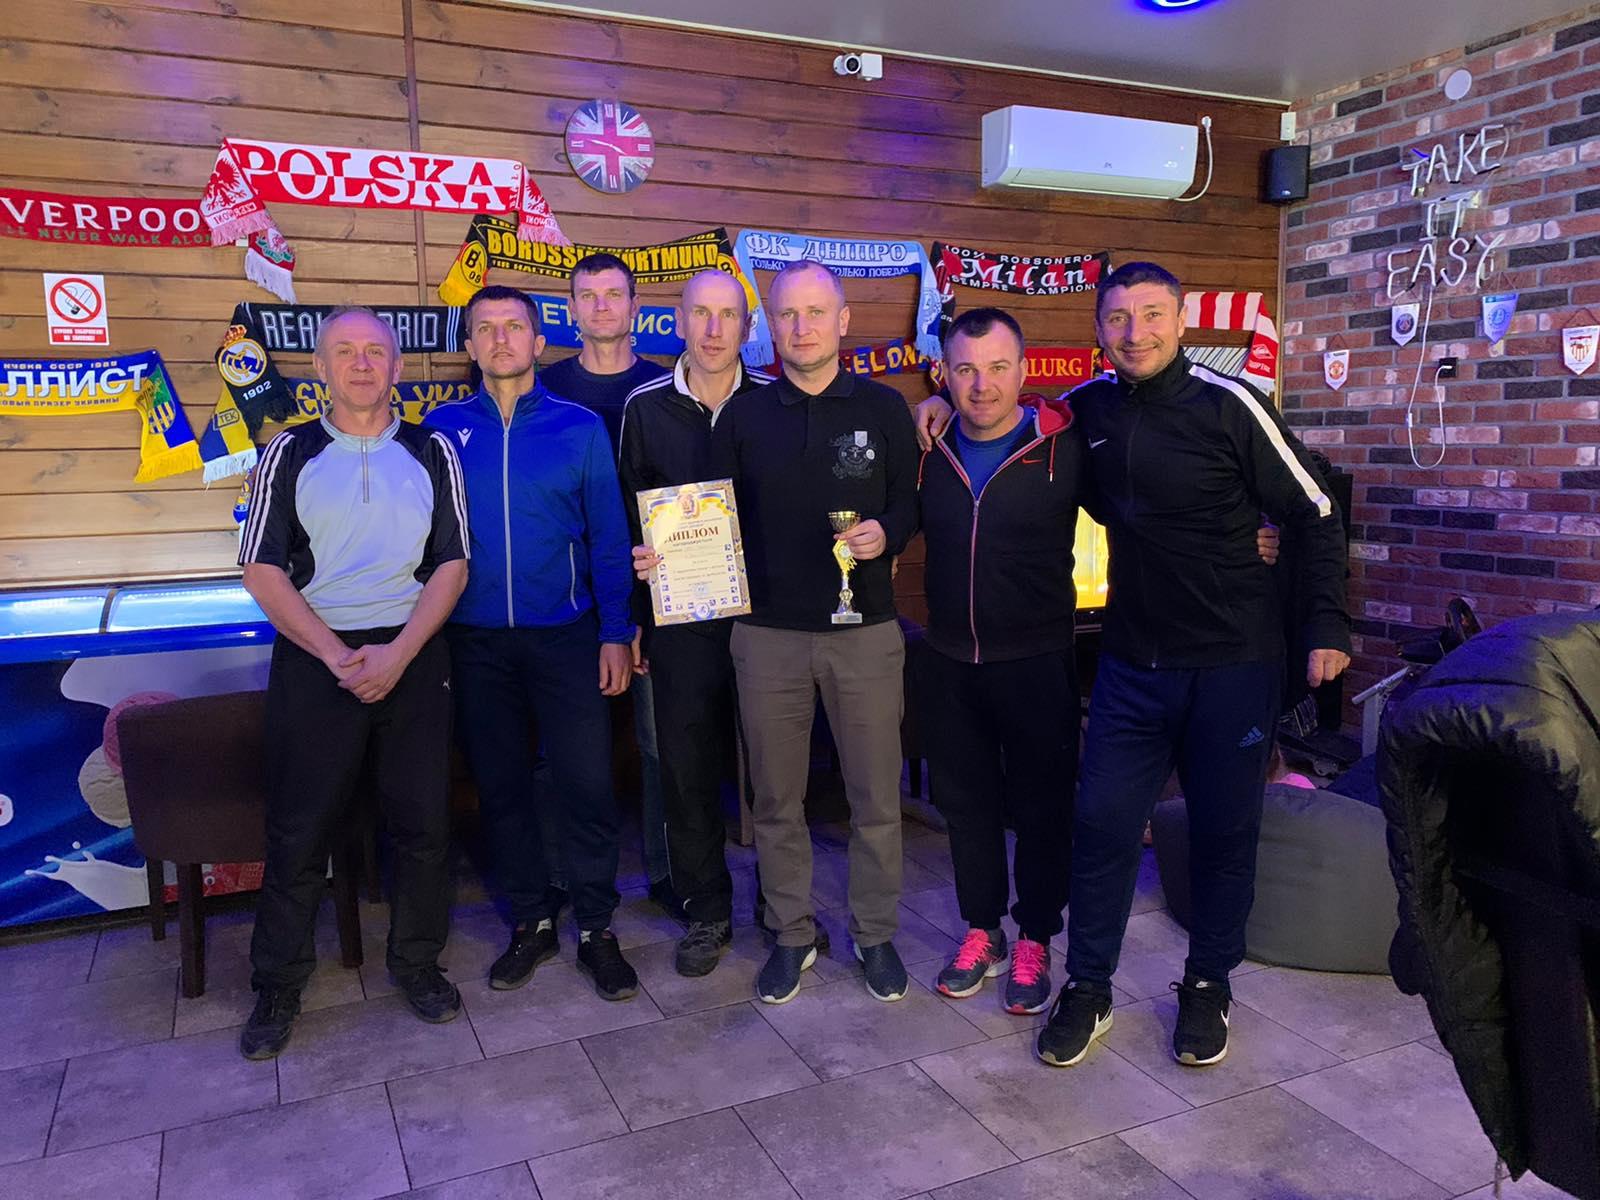 У Голій Пристані пройшов традиційний турнір з футзалу пам'яті тренерів та футболістів серед команд ветеранів 40+